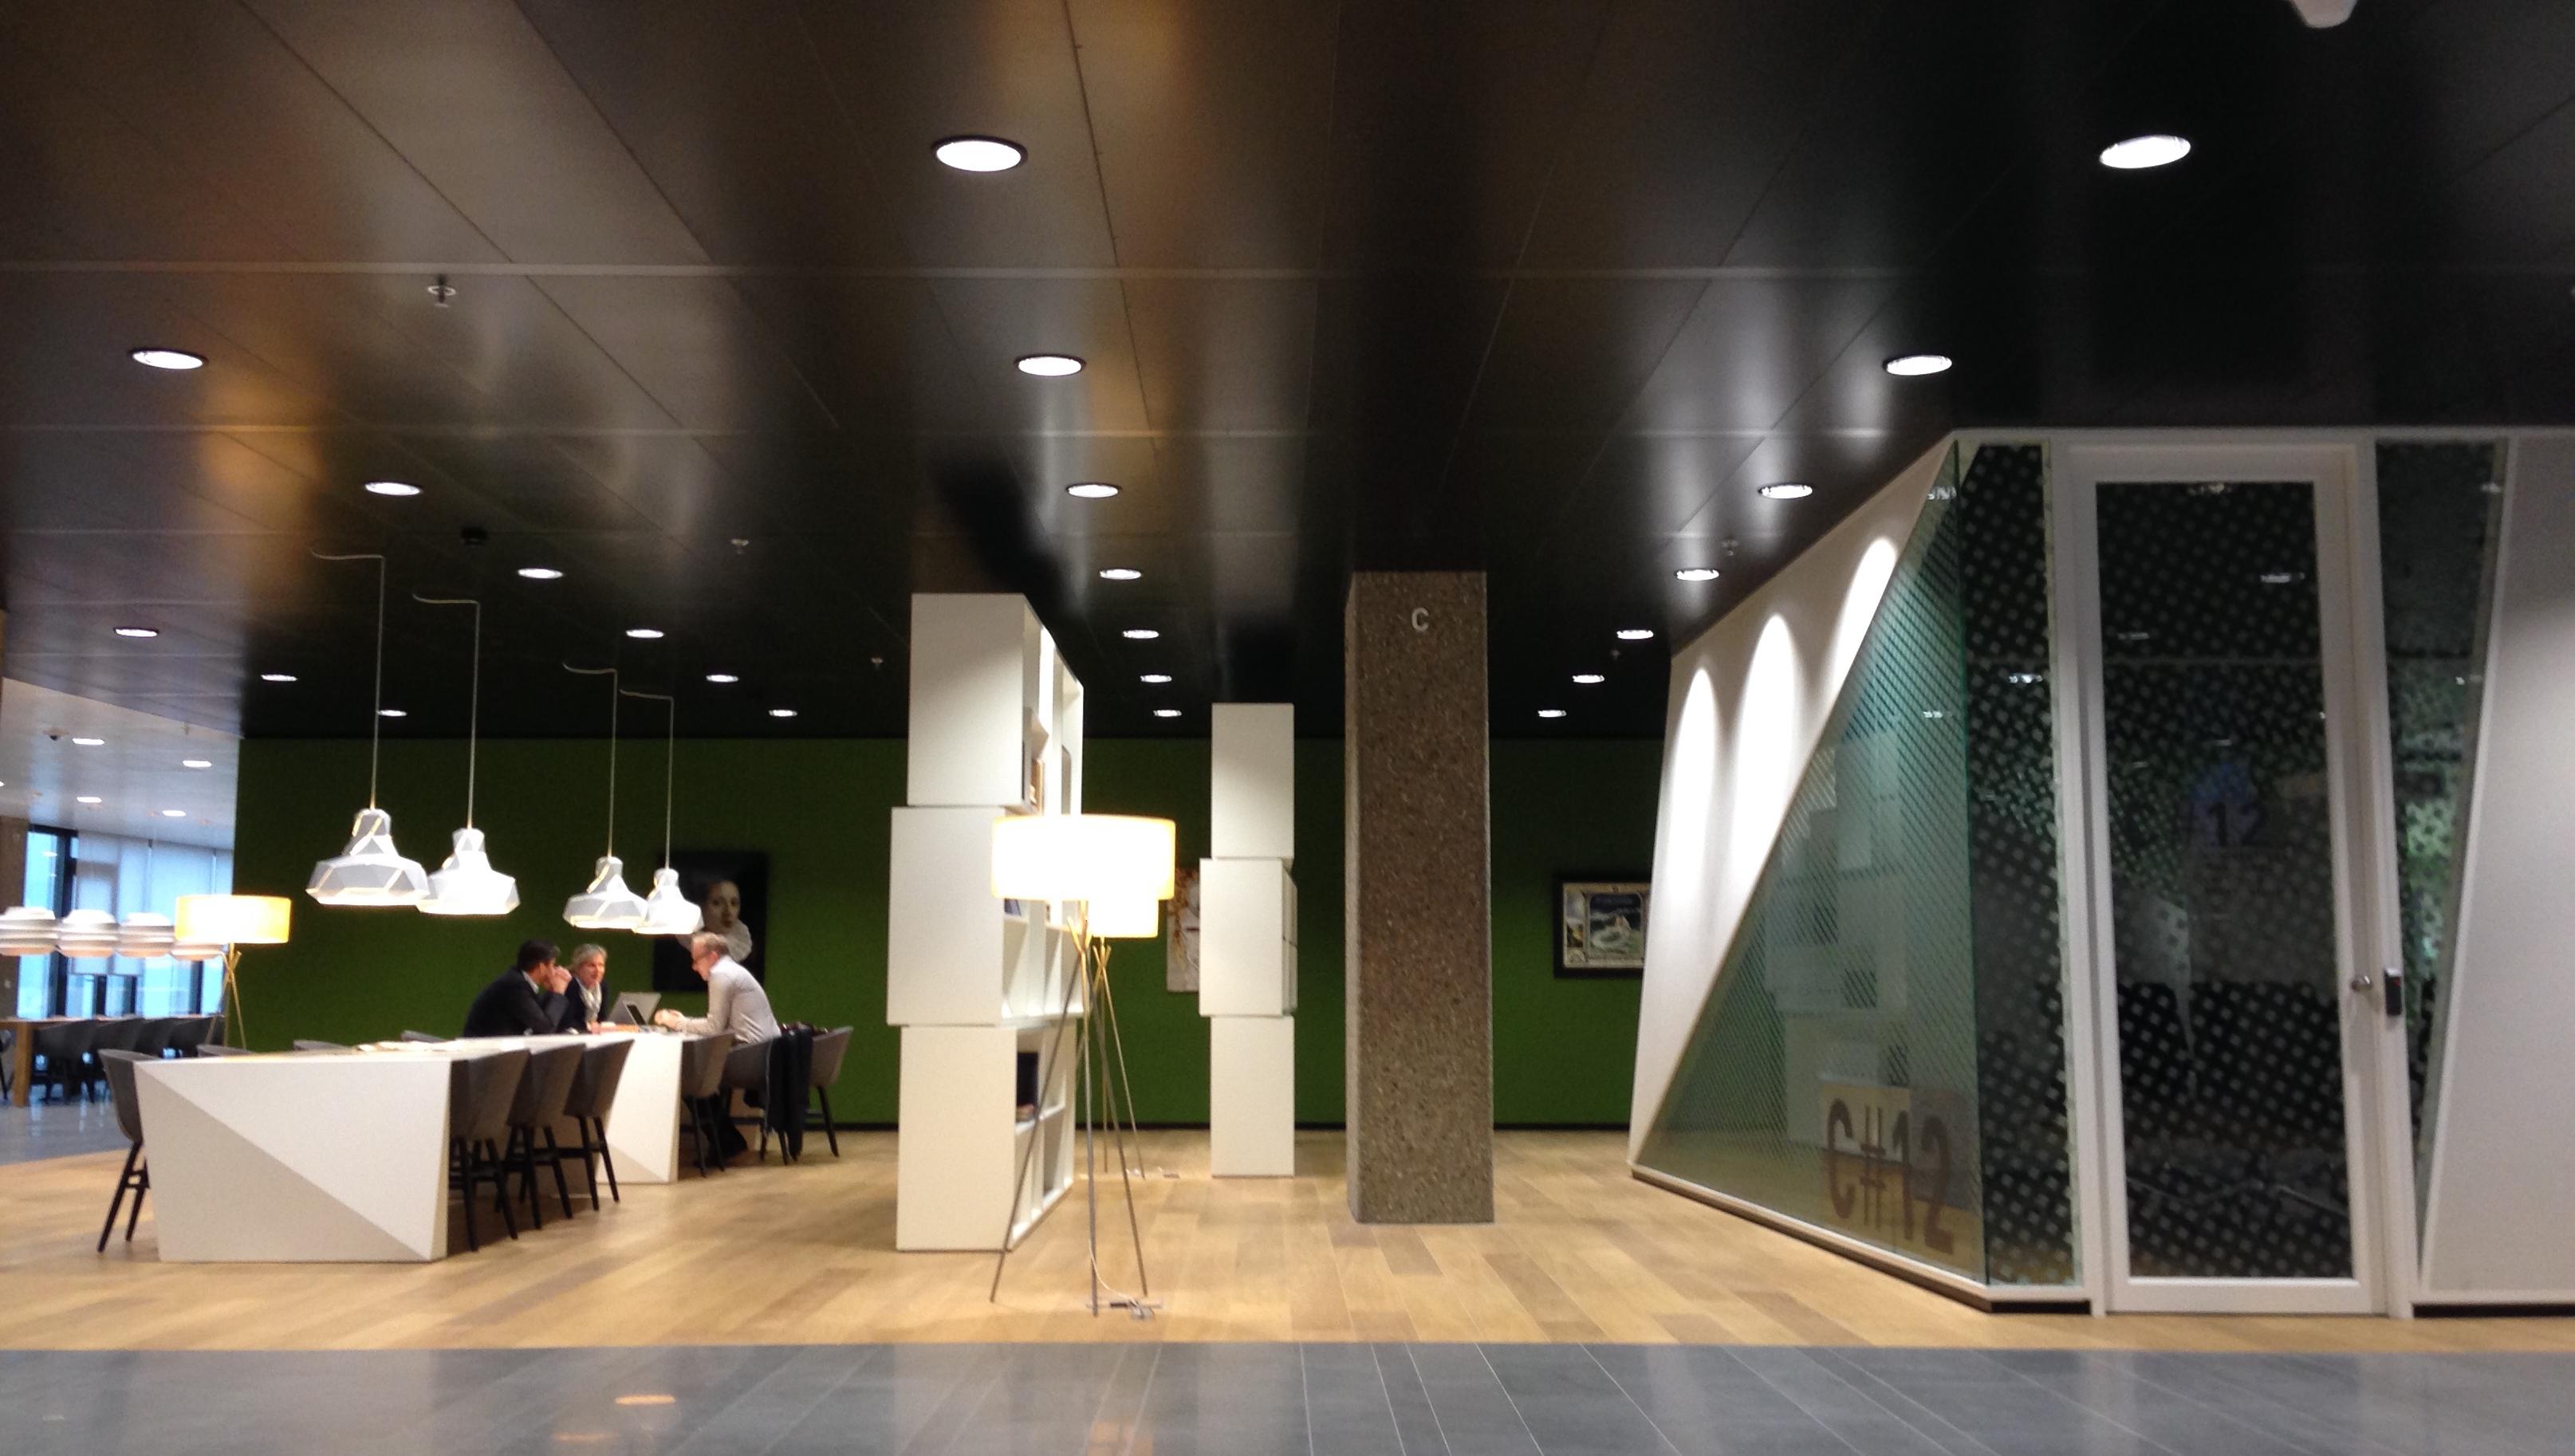 Hoofdkantoor verzekeringsmaatschappij ASR, Utrecht